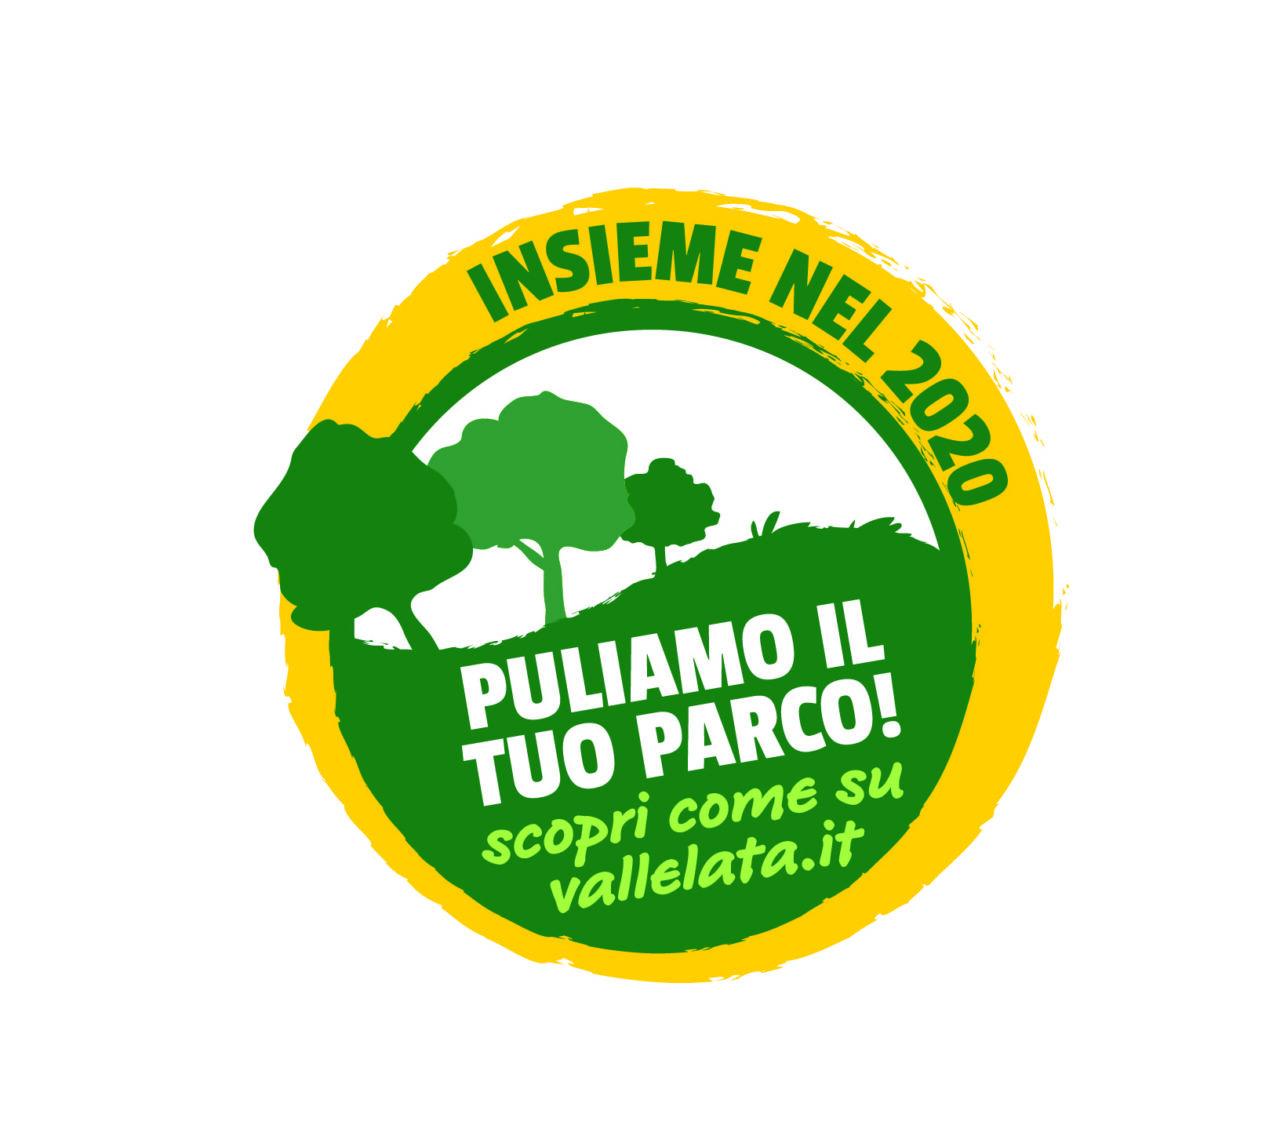 Vallelata e Legambiente lanciano in Lombardia Puliamo il tuo parco!